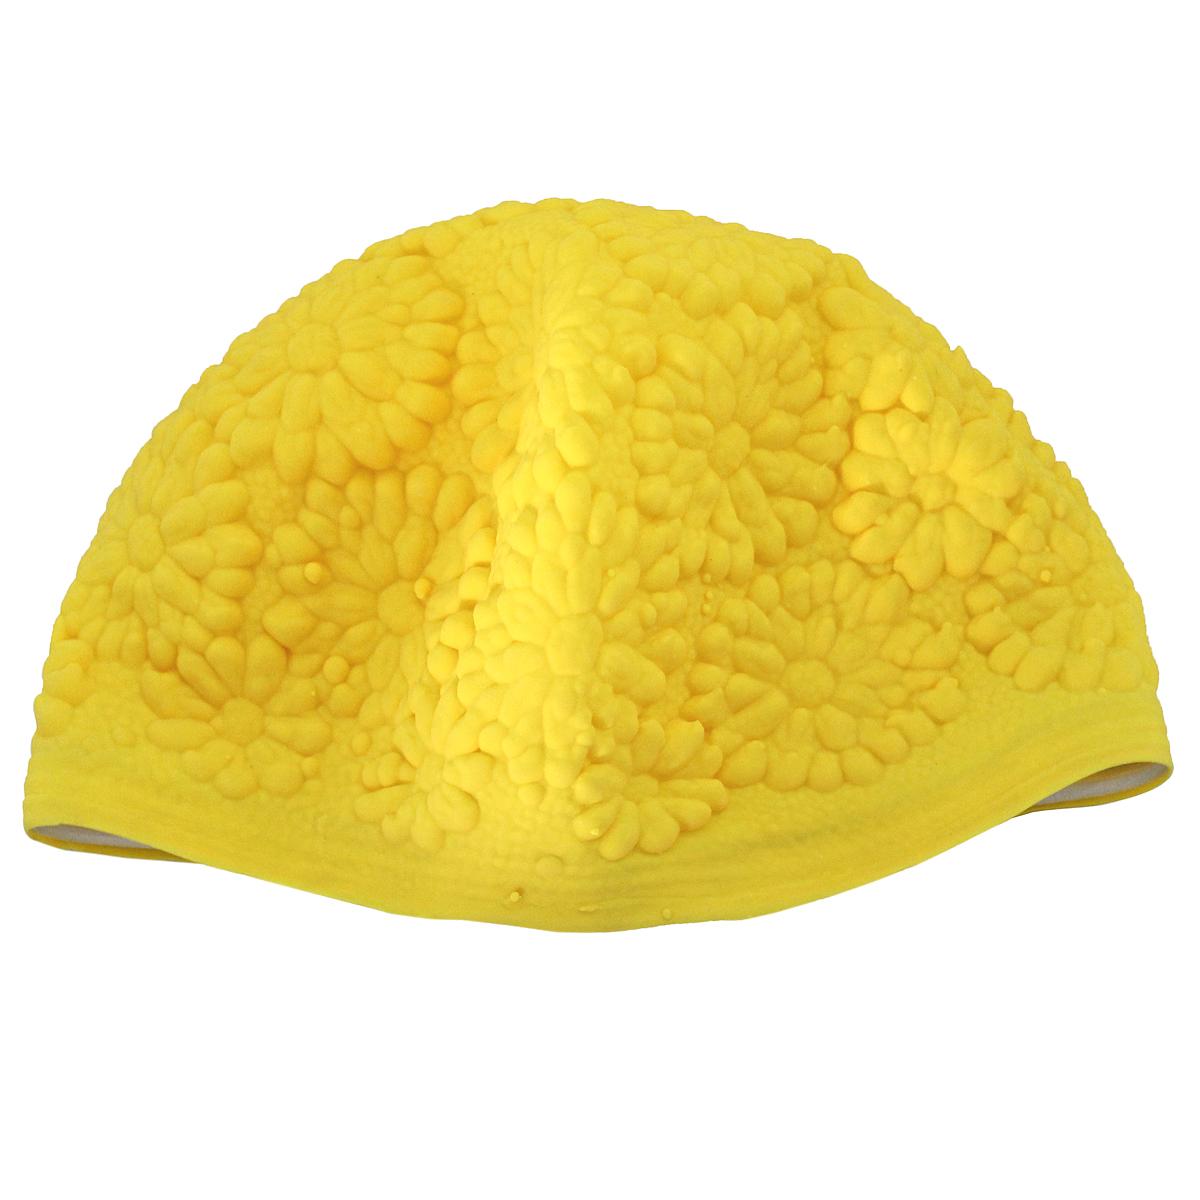 Шапочка для плавания MadWave Hawaii Chrysanthemum, женская, цвет: желтыйTS V-31 NBLЛатексная шапочка для плавания MadWave Hawaii Chrysanthemum декорирована цветочным рельефом. Имеет превосходную эластичность и высокий уровень комфорта. Высококачественный материал обеспечивает долгий срок службы. Пузырьковая поверхность уменьшает площадь соприкосновения с волосами.Обхват головы: 53 см.